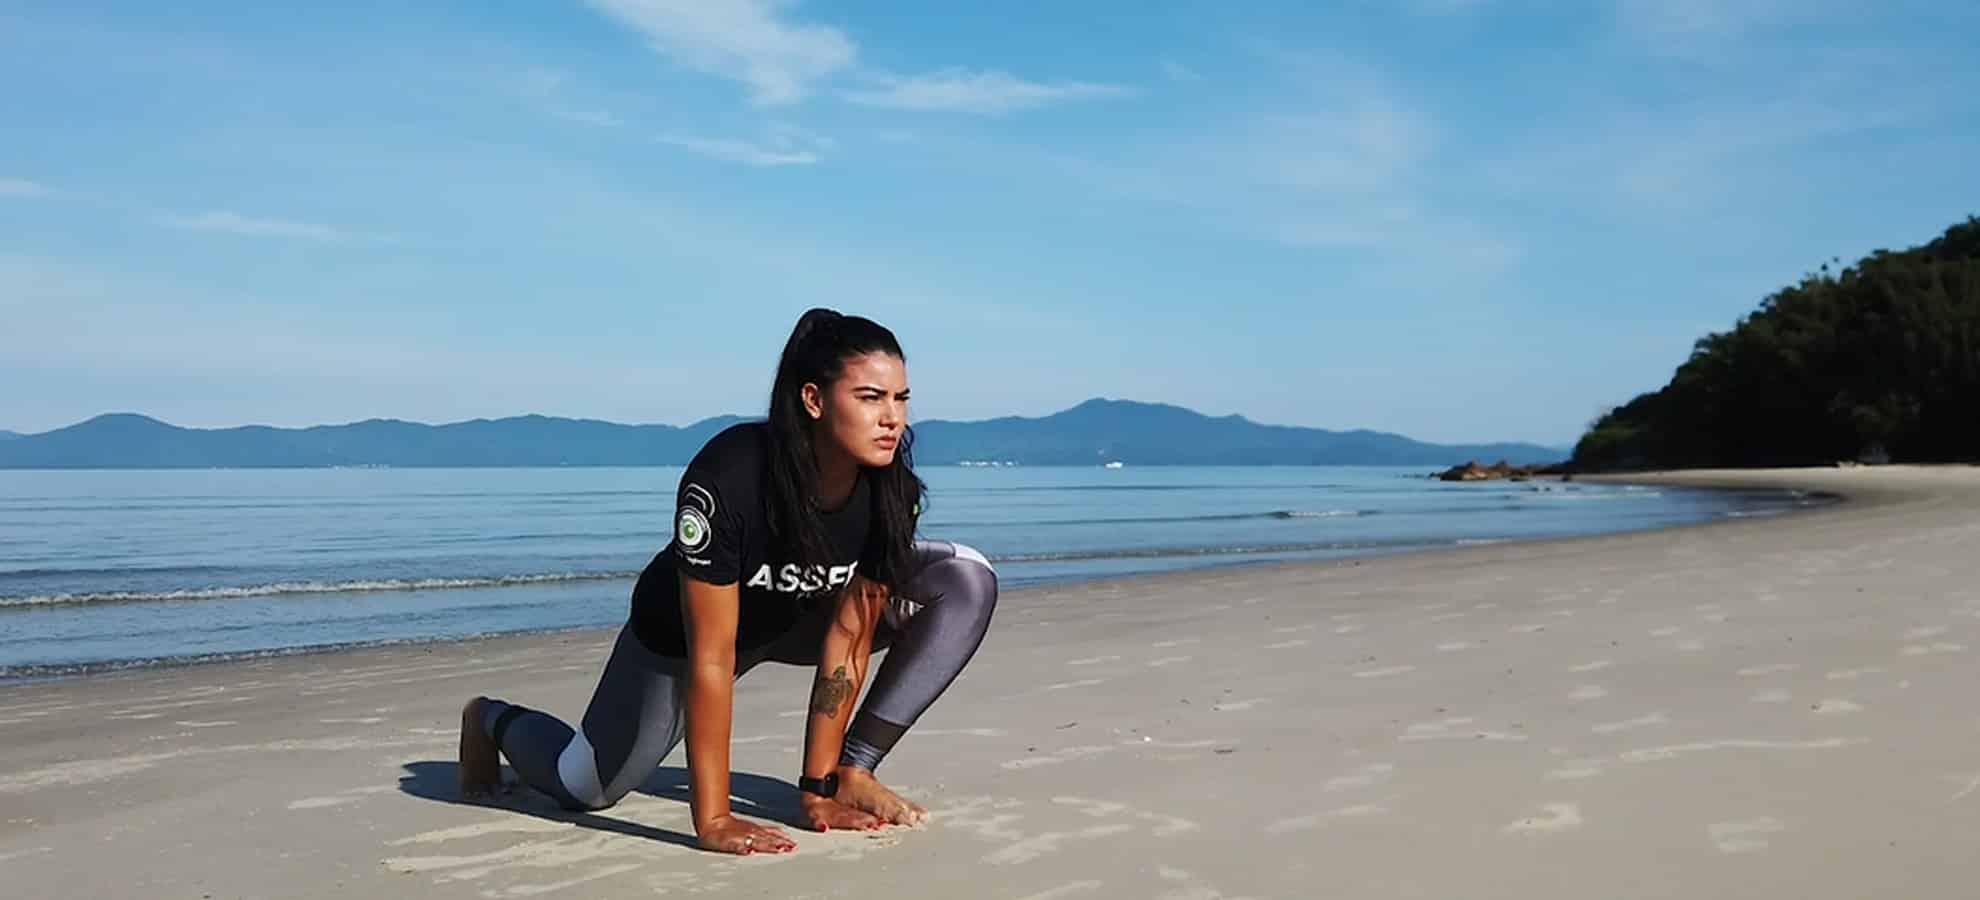 Treino de fortalecimento para prática esportiva náutica: wakeboard, kiteboard e pranchas em geral